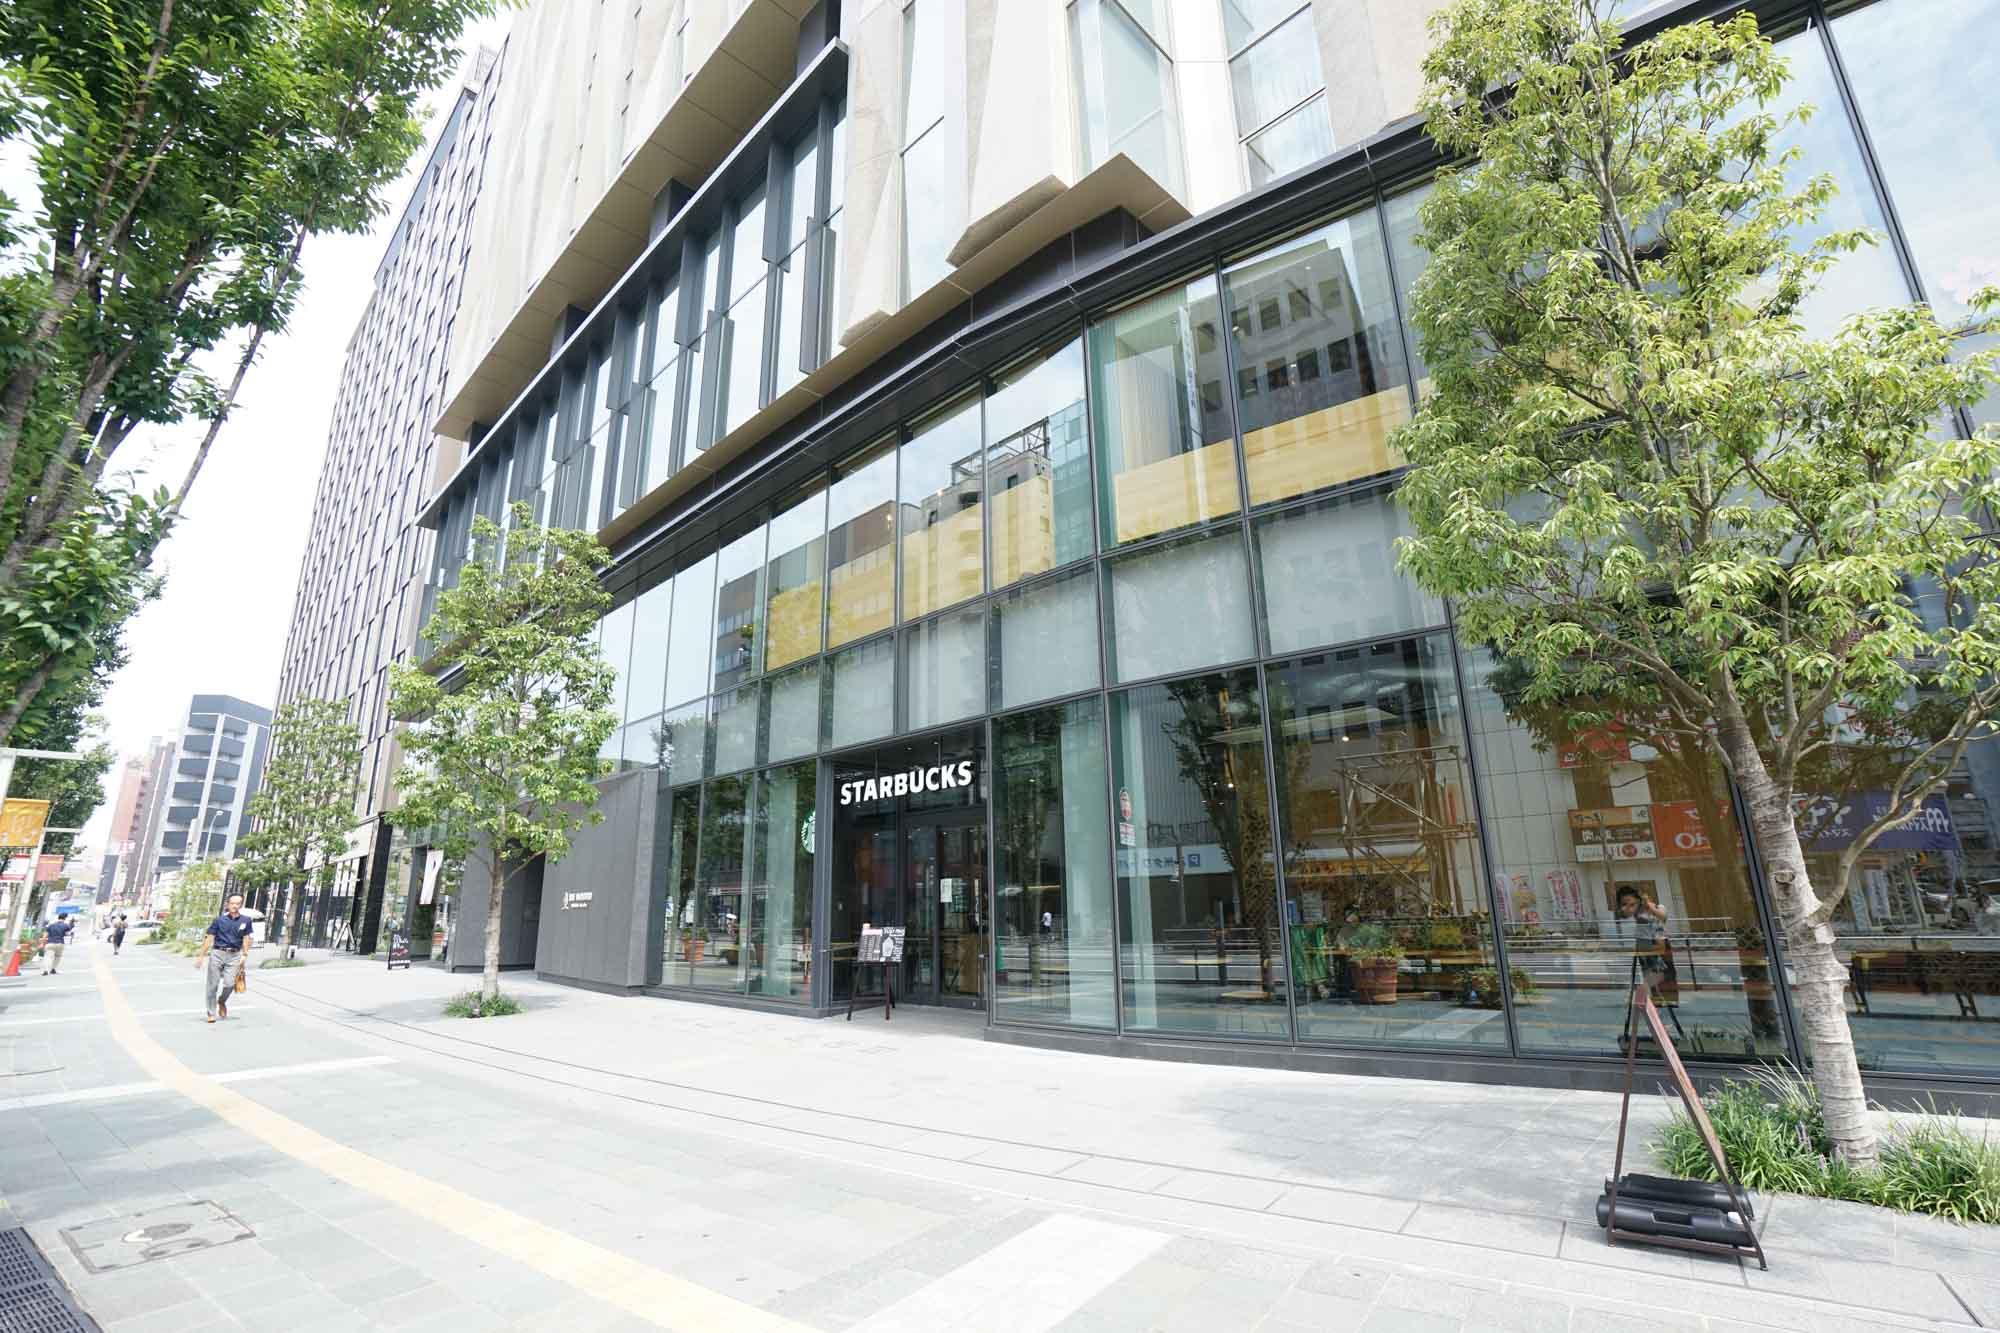 その一角が、THE BLOSSOM HAKATA Premier。1,2階にはカフェ、レストランが入居し、ガラス張りのおしゃれなビルです。